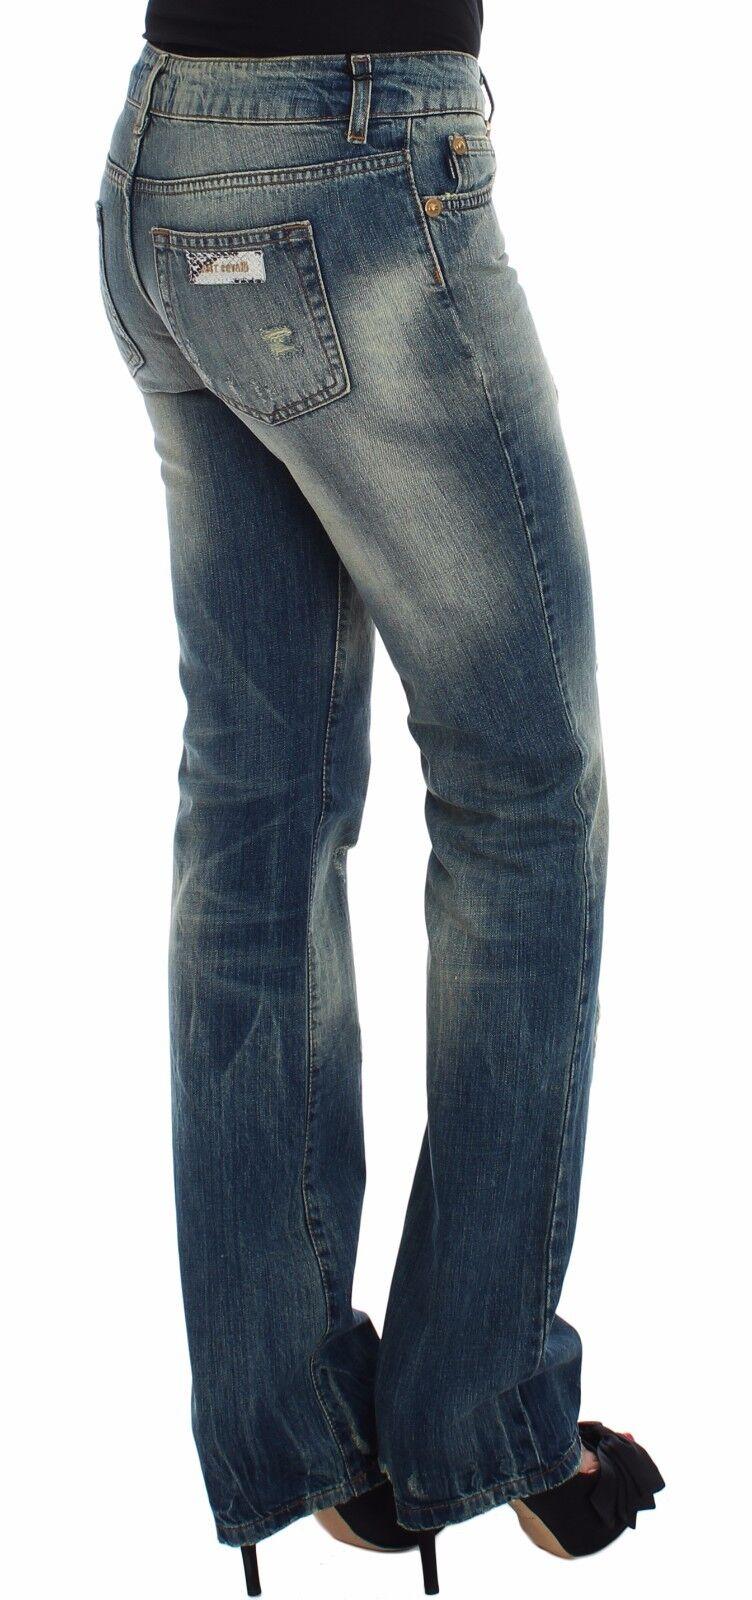 Nuova Nuova Nuova con Etichetta Just Cavalli Pantaloni Jeans Cotone Blu Vita Bassa Flair Leg 024e4a